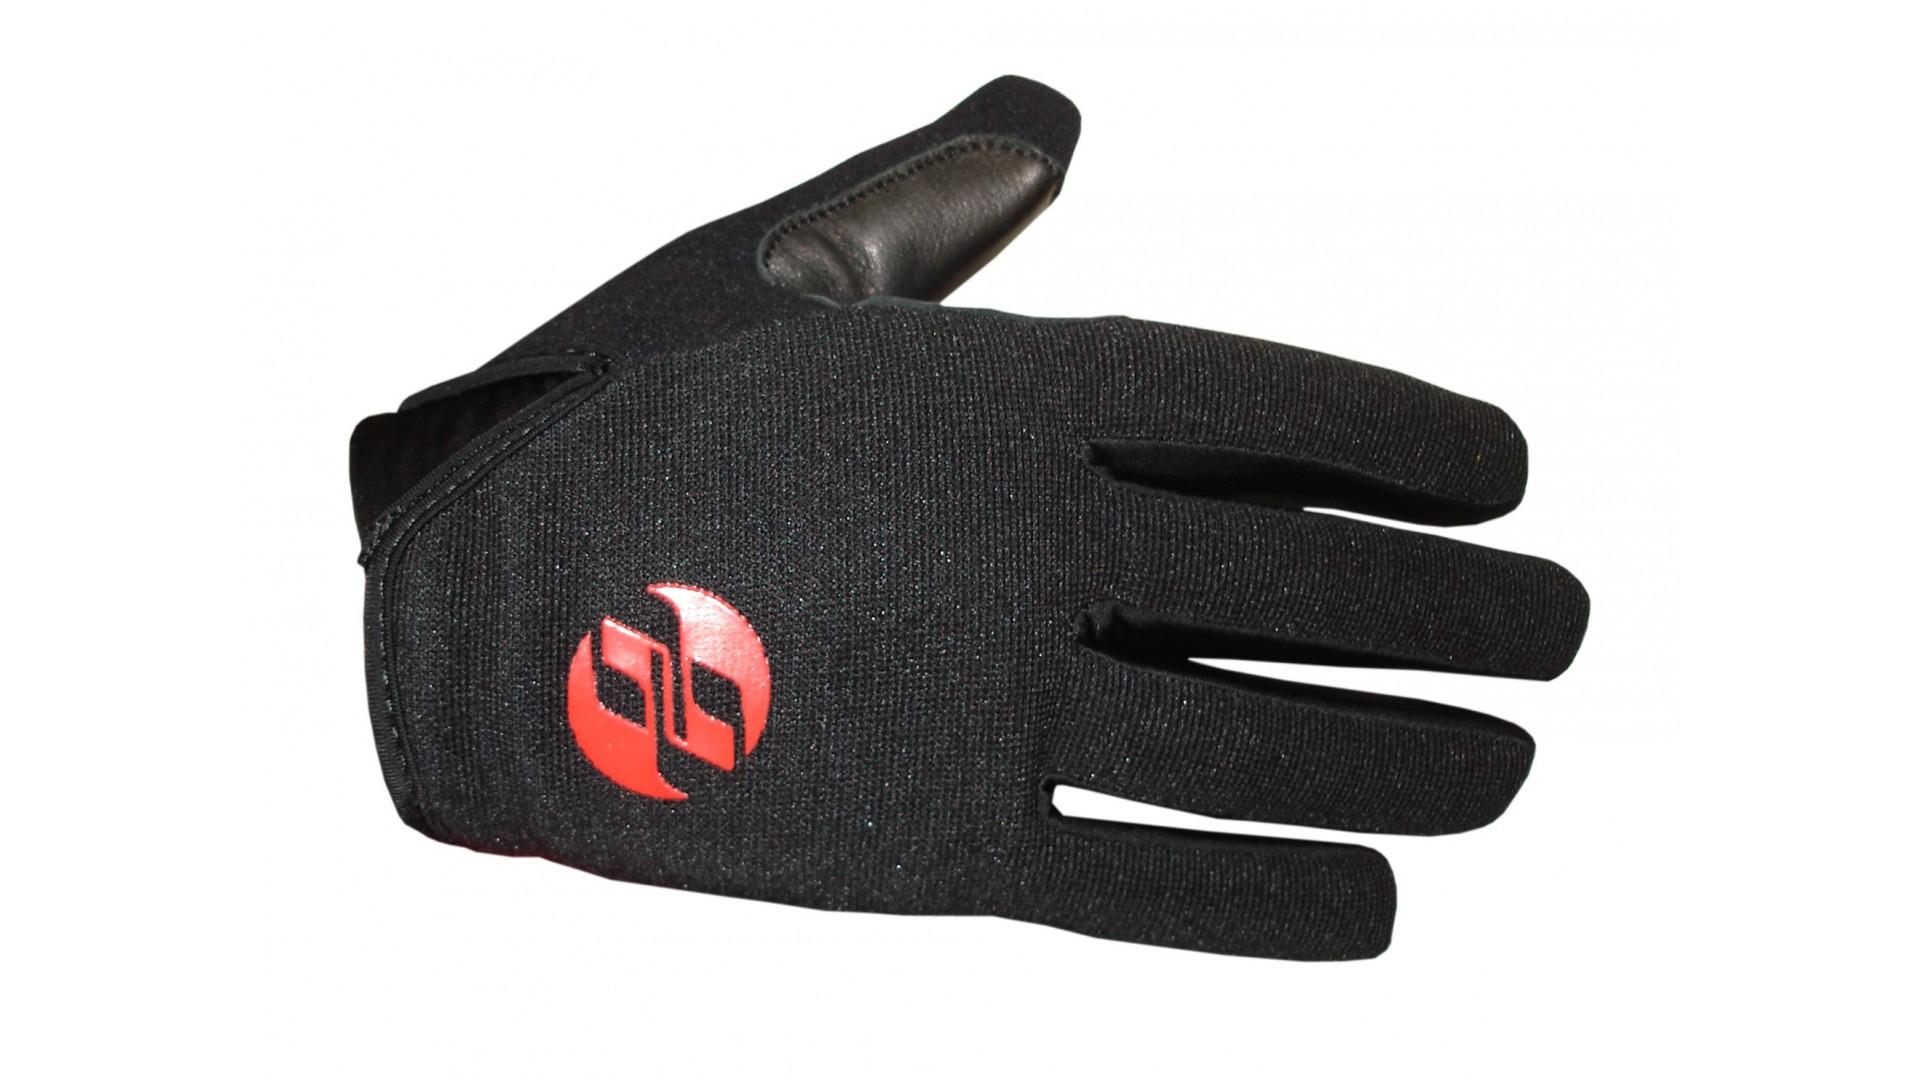 Велоперчатки Ghost c длинными пальцами AM black год 2016